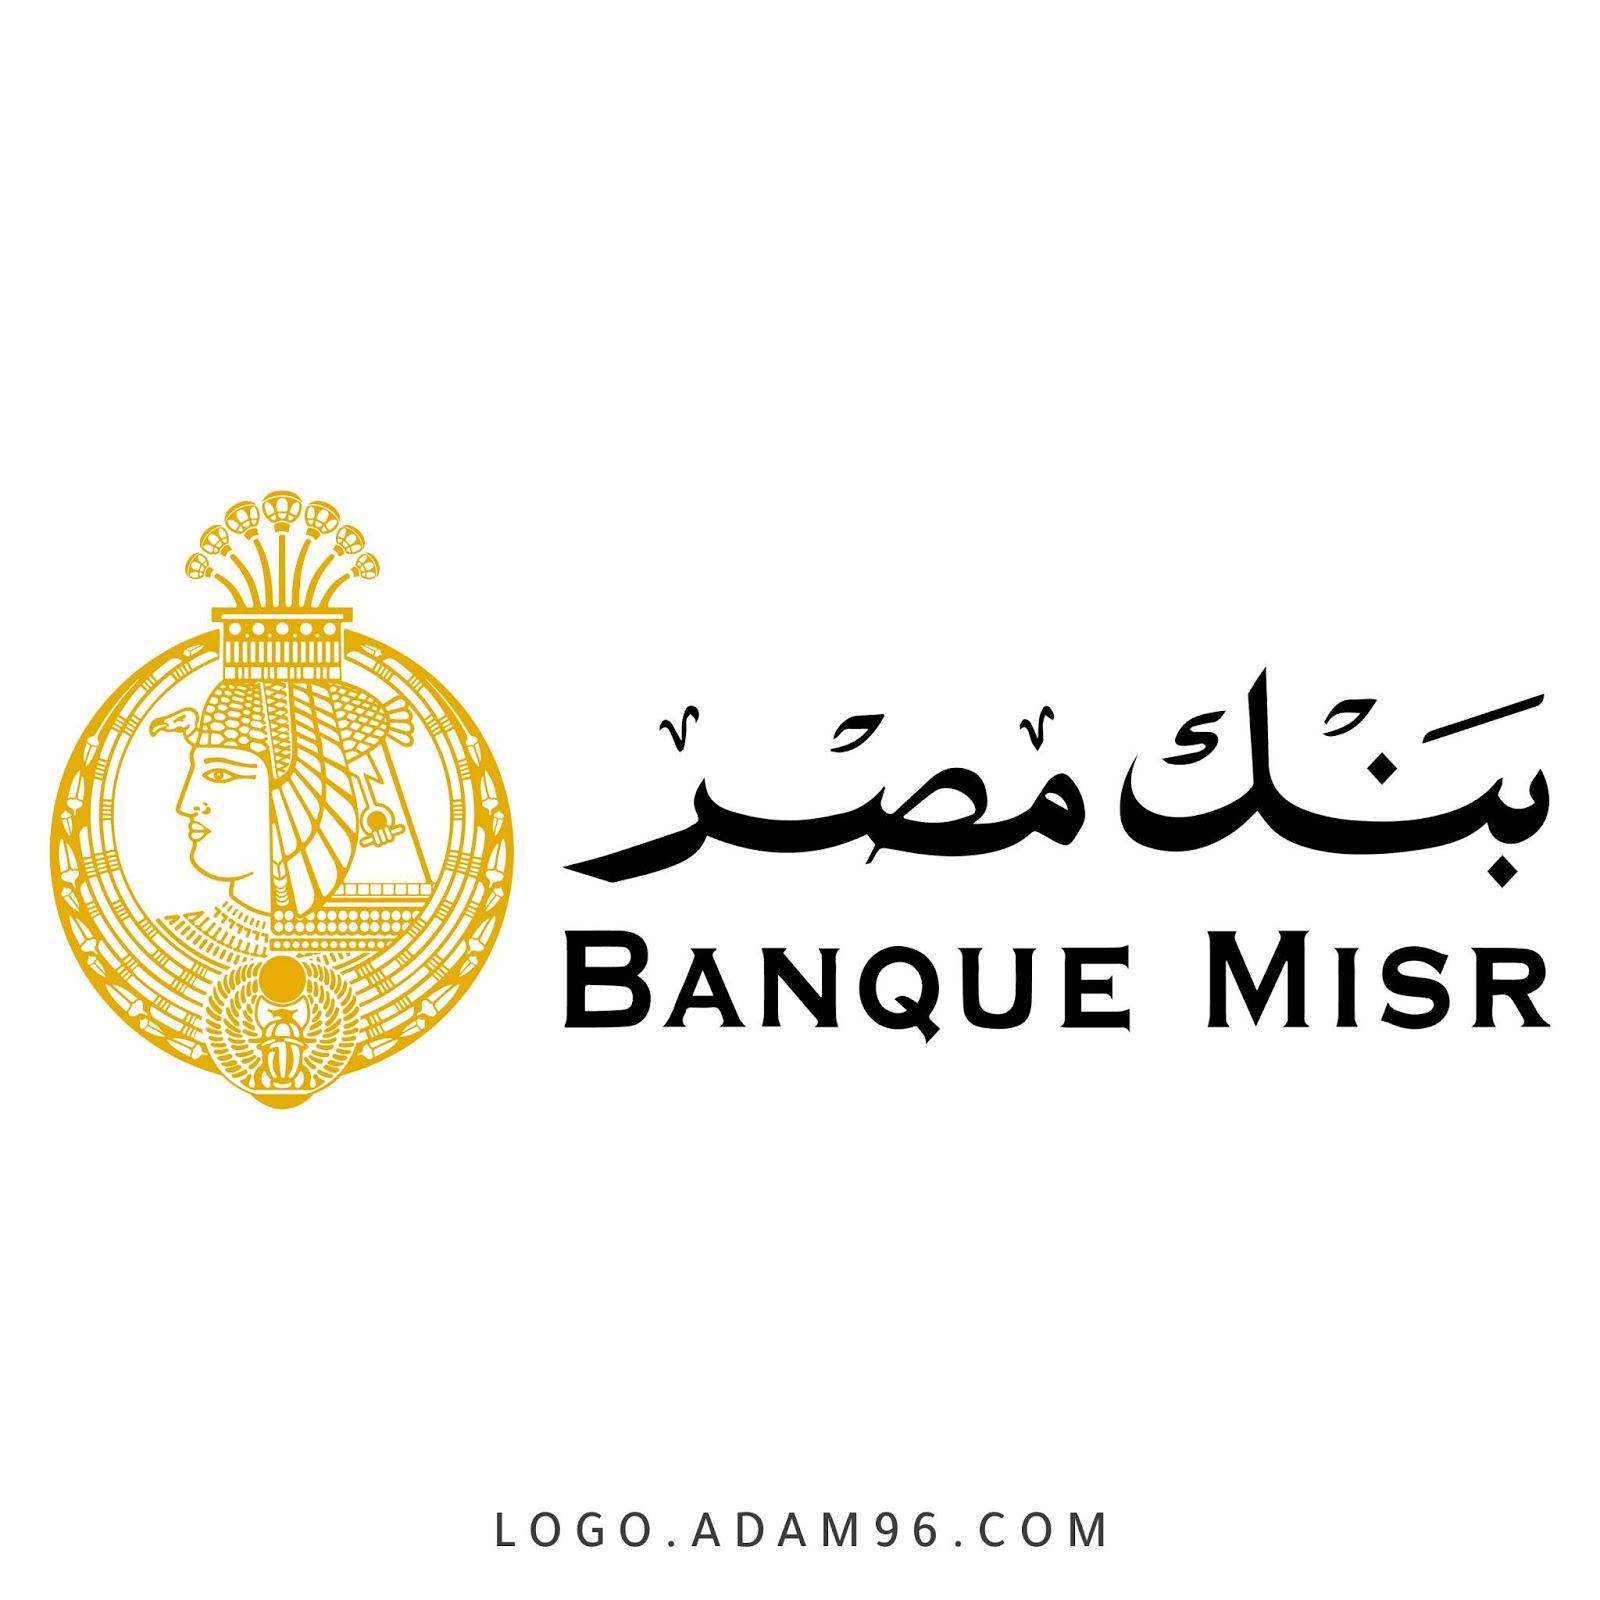 تحميل شعار بنك مصر بدقة عالية BANQUE MISR PNG